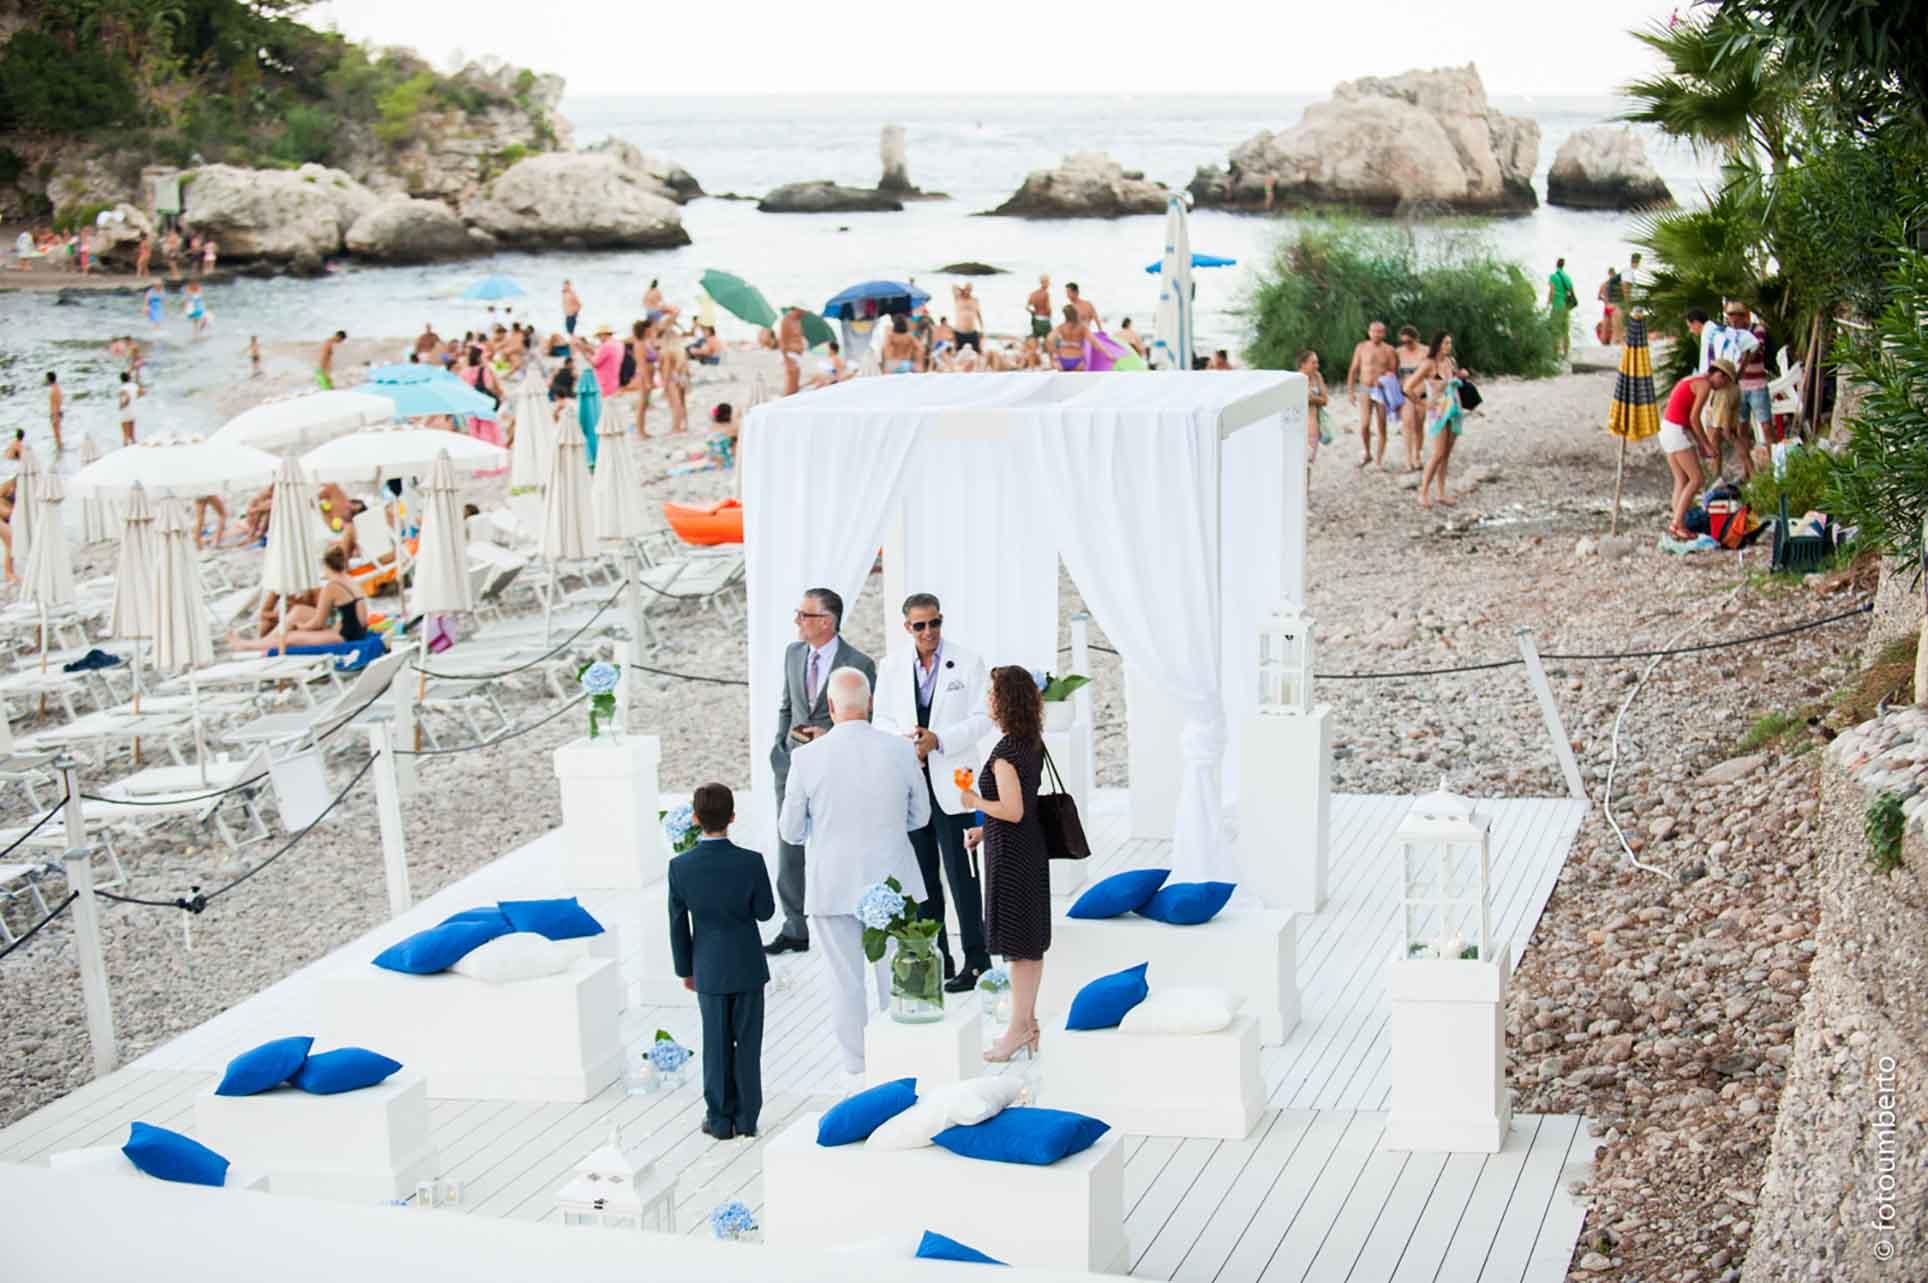 la plage matrimonio